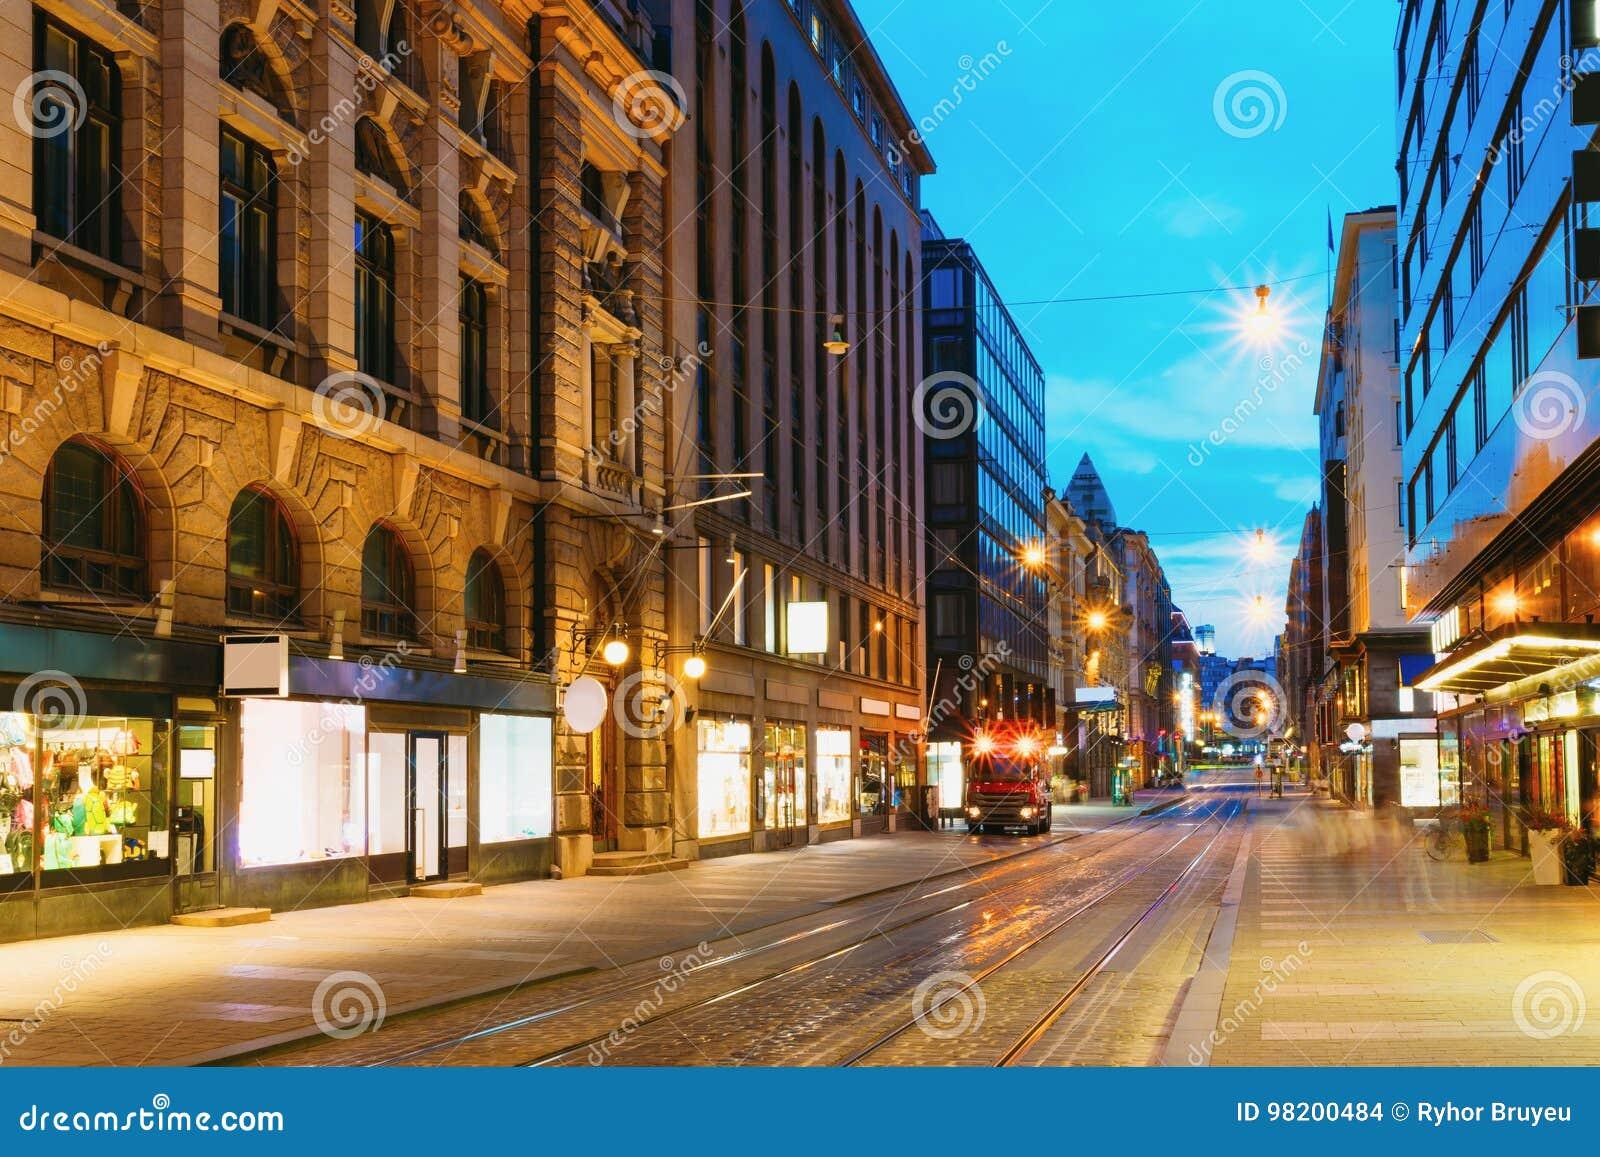 Download Хельсинки, Финляндия Взгляд ночи улицы Aleksanterinkatu в районе Kluuvi в вечере Редакционное Стоковое Изображение - изображение насчитывающей прописно, улица: 98200484